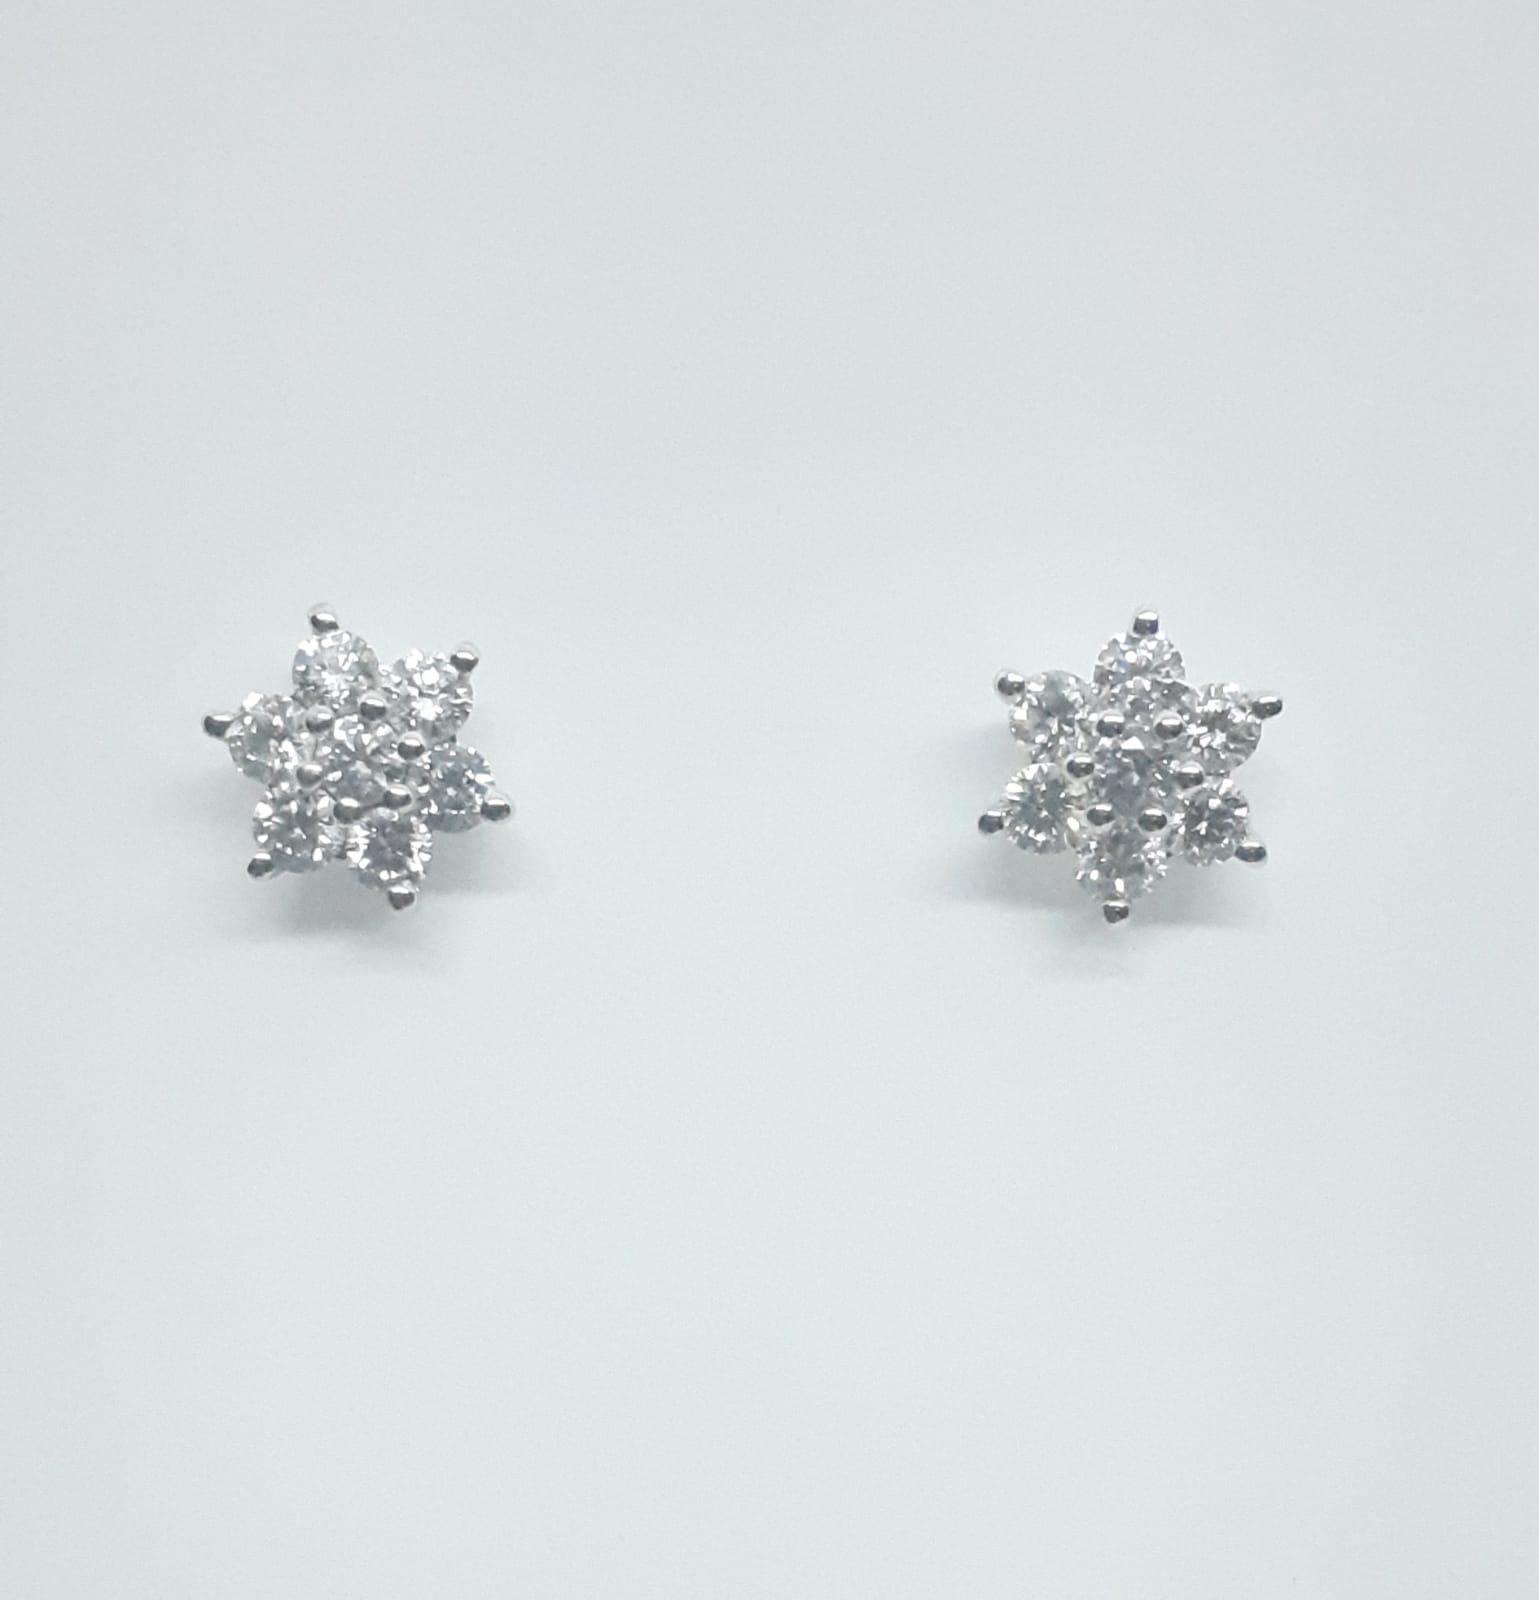 Sensi joyas alta joyería Granada plata compromiso PENDIENTES ORO 18K BRILLANTES  0,45 CTS